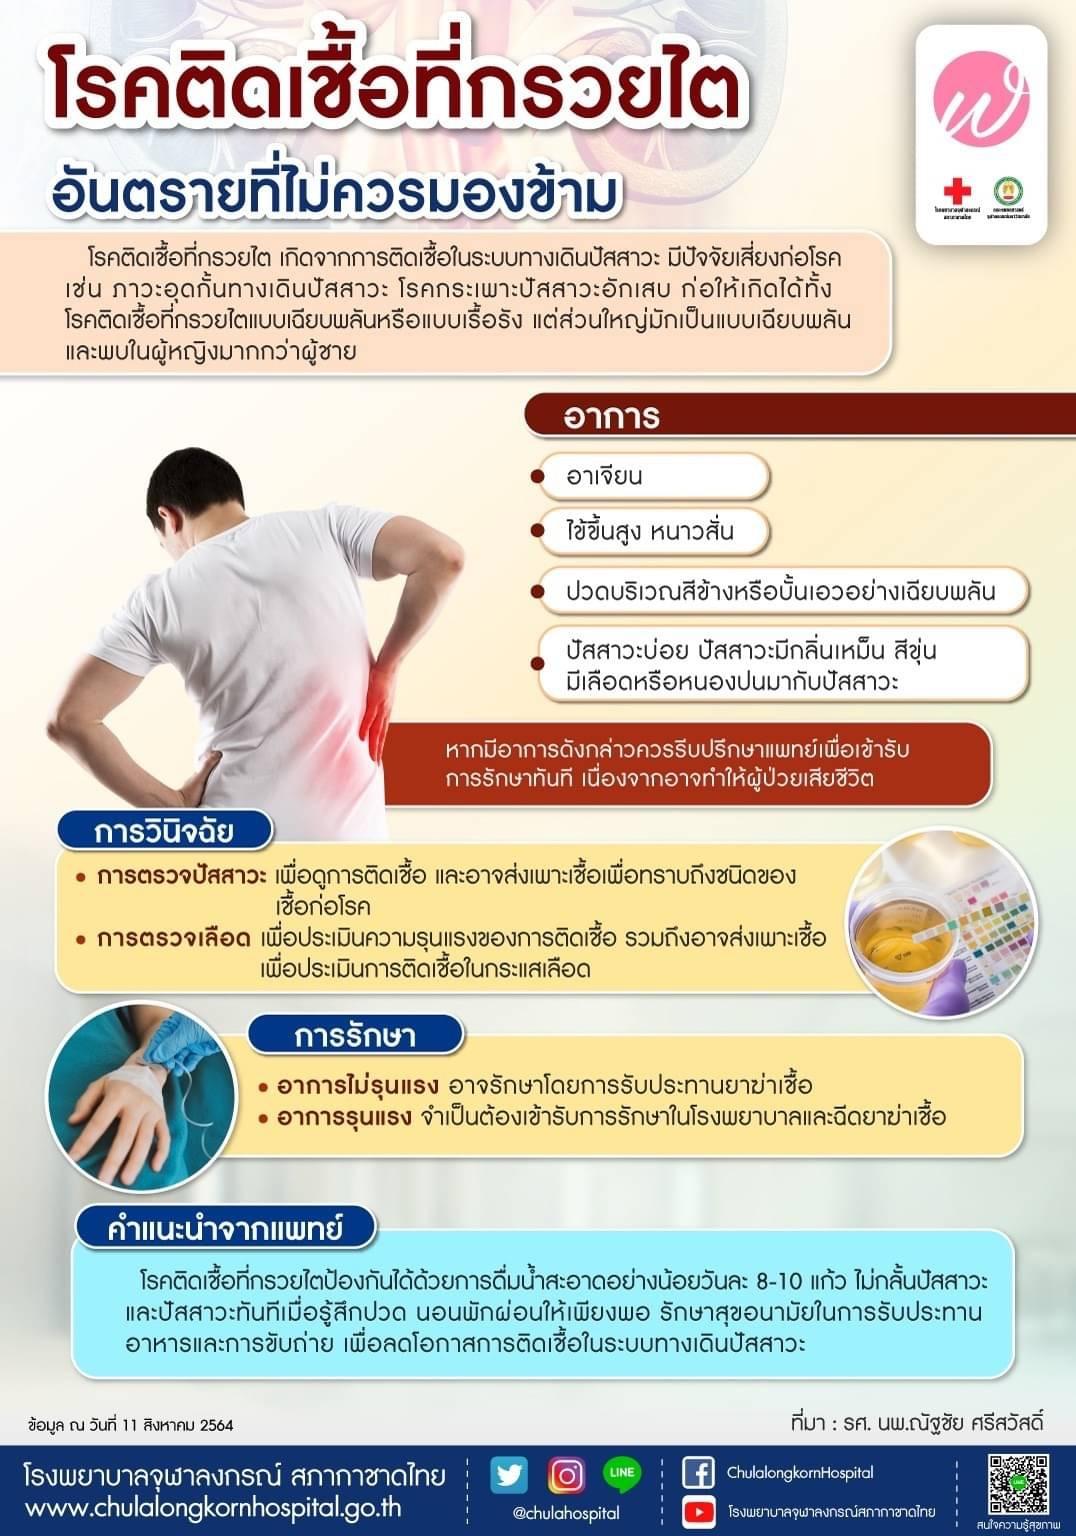 โรคติดเชื้อที่กรวยไตอันตรายที่ไม่ควรมองข้าม